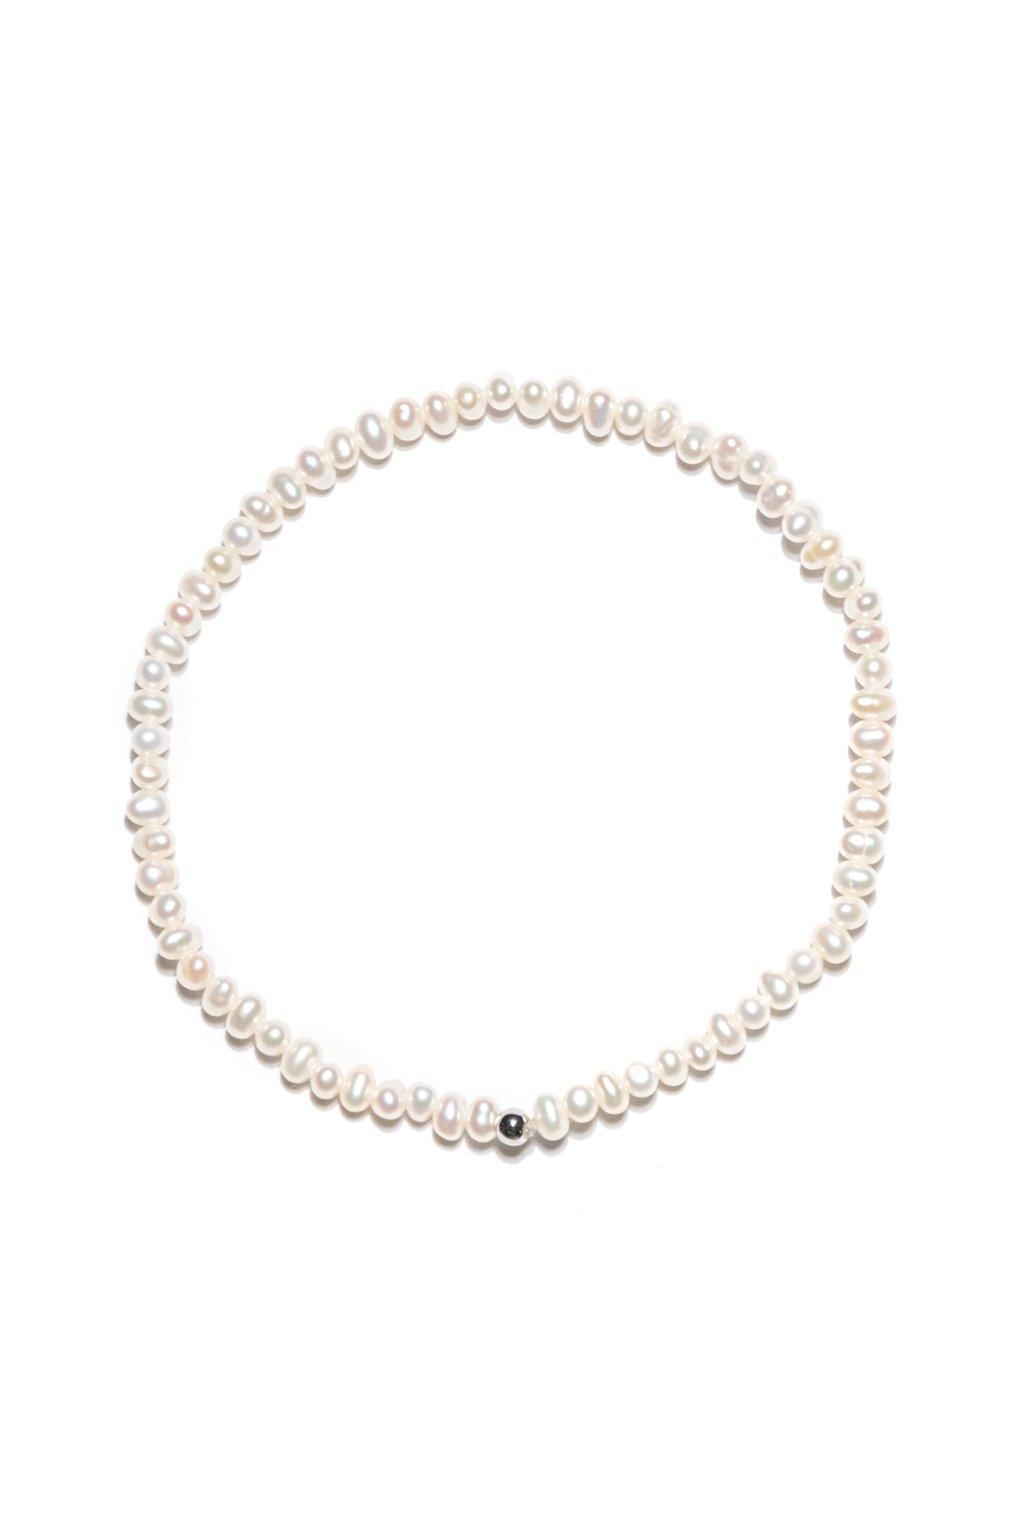 131 Jemnulinký náramok riečna perla